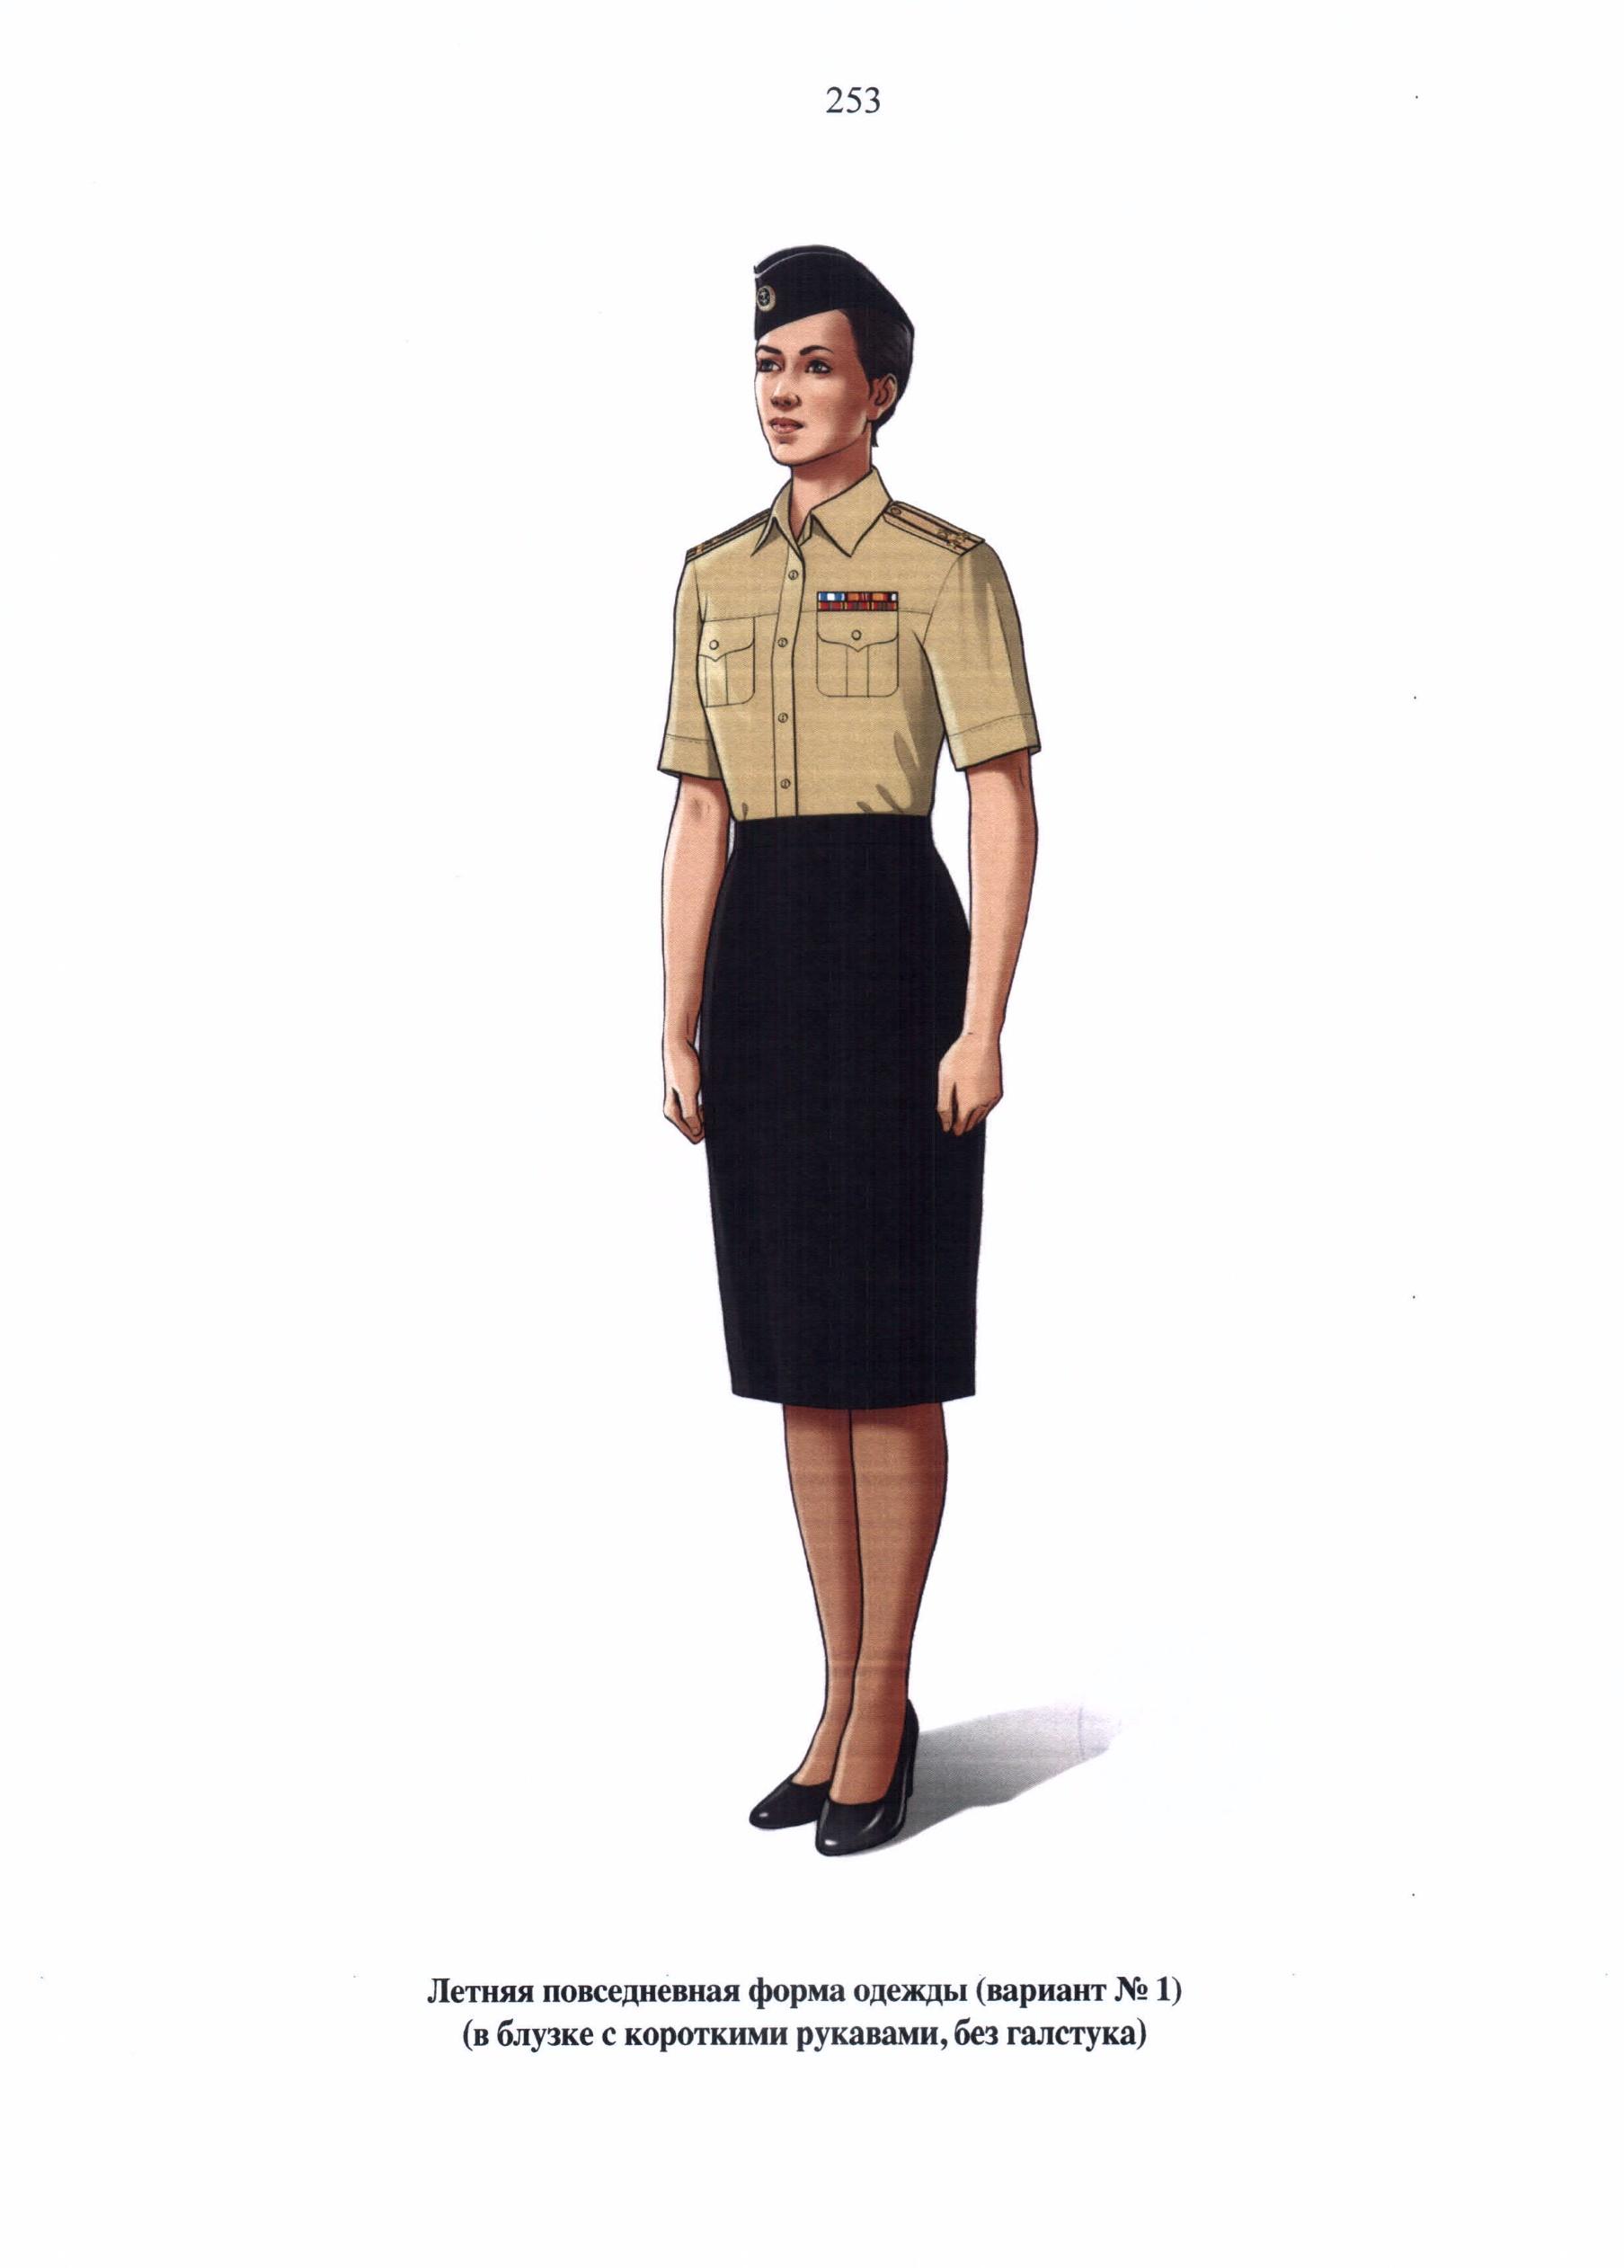 C:\Users\User\Desktop\Приказ МО РФ от 22.06.2015 г. № 300 Правила ношения военной формы одежды\183833.JPG